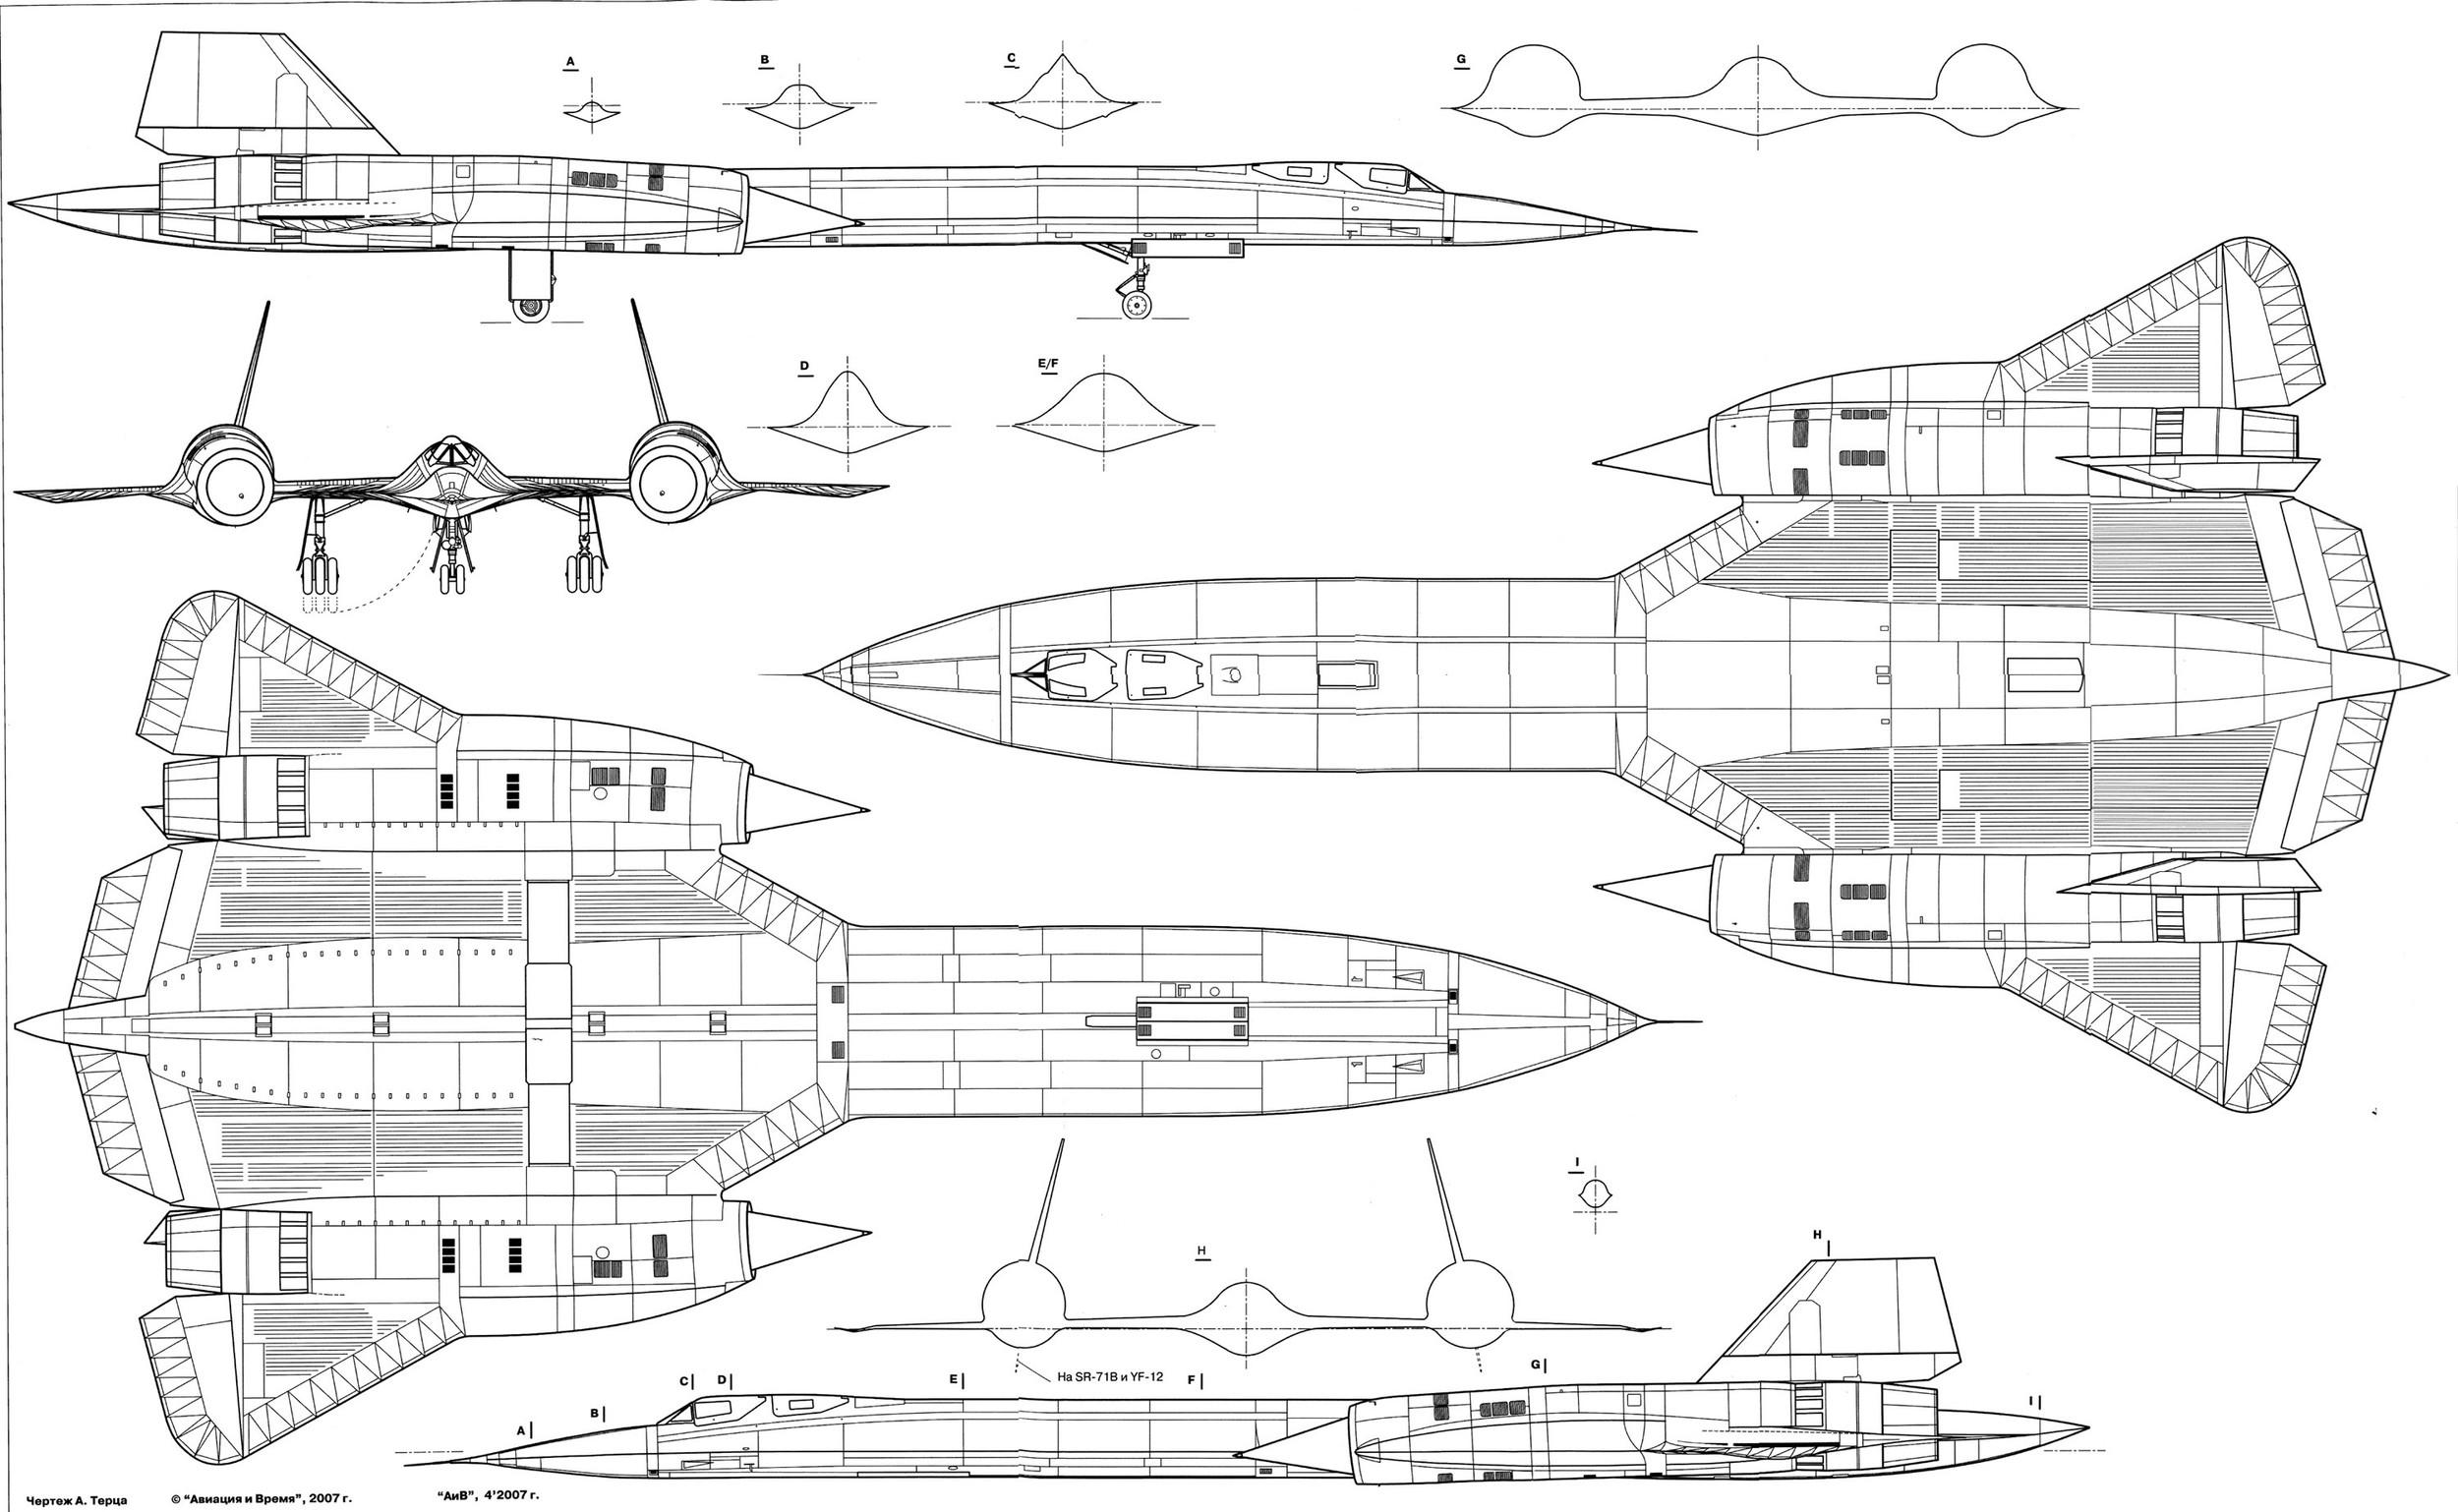 122836d1265136315-blueprint-sr-71-blackbird-sr-71-blackbird.jpg